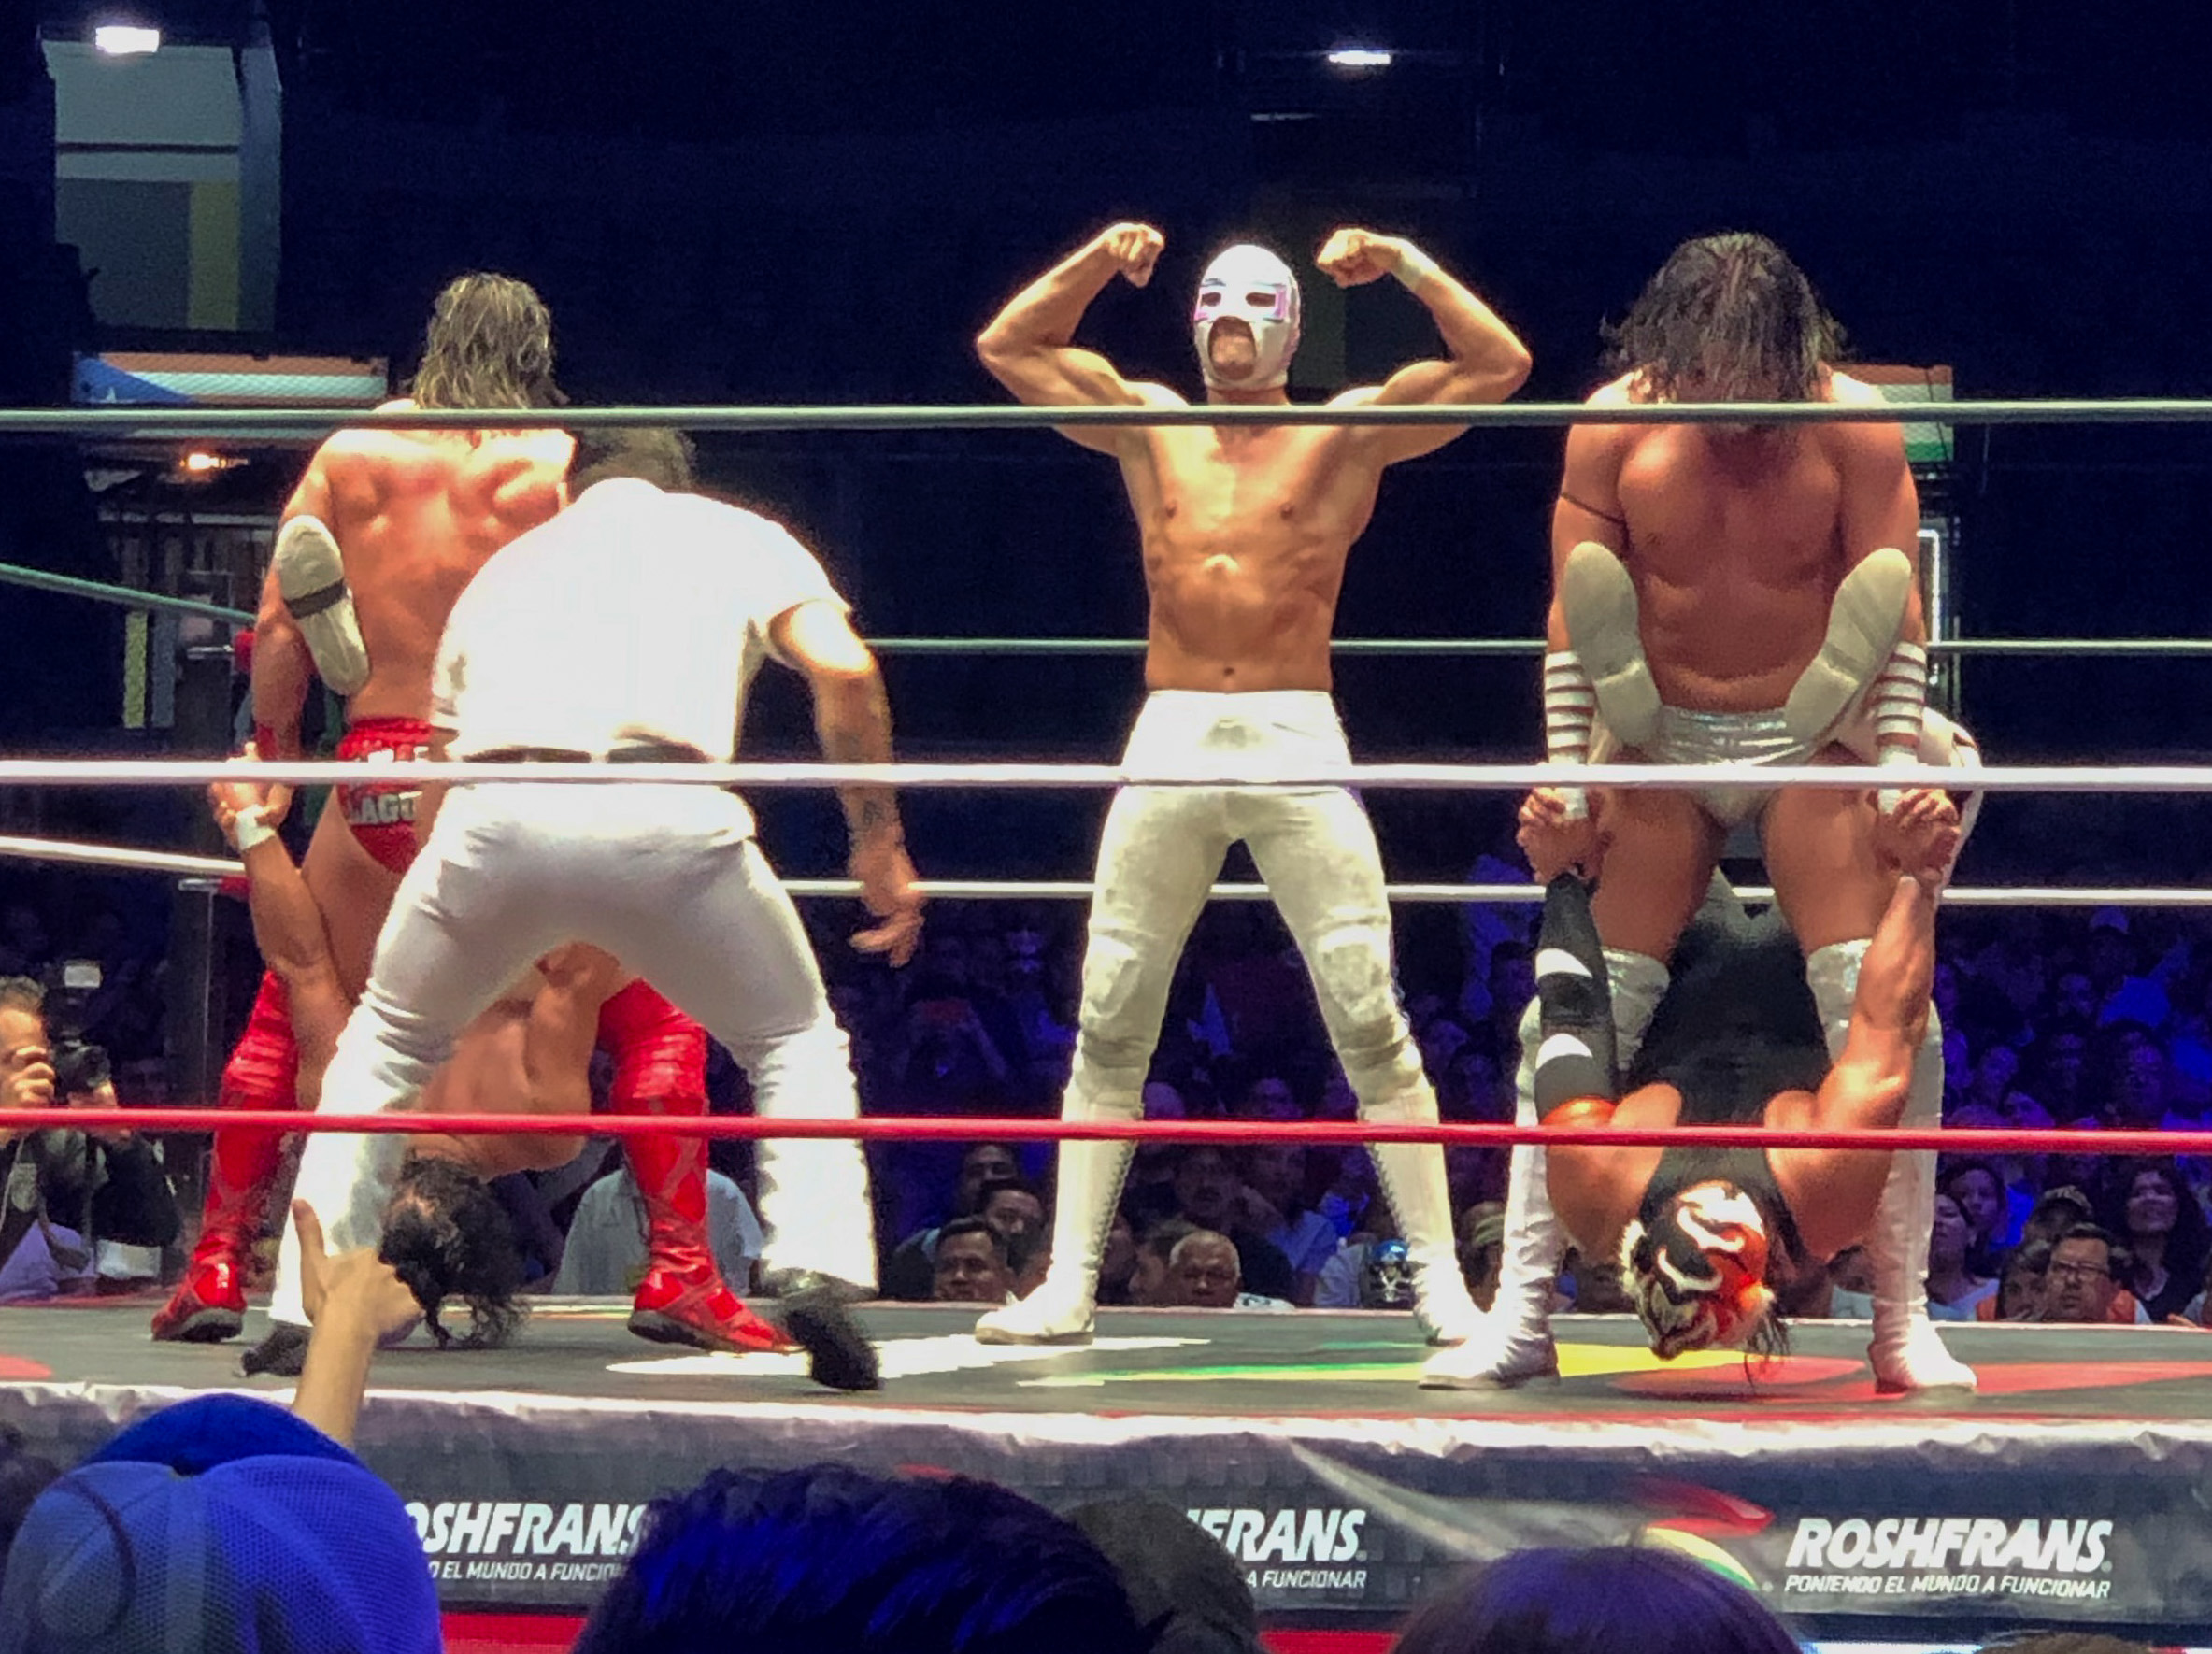 Luchador flexing at Lucho Libre Mexico City